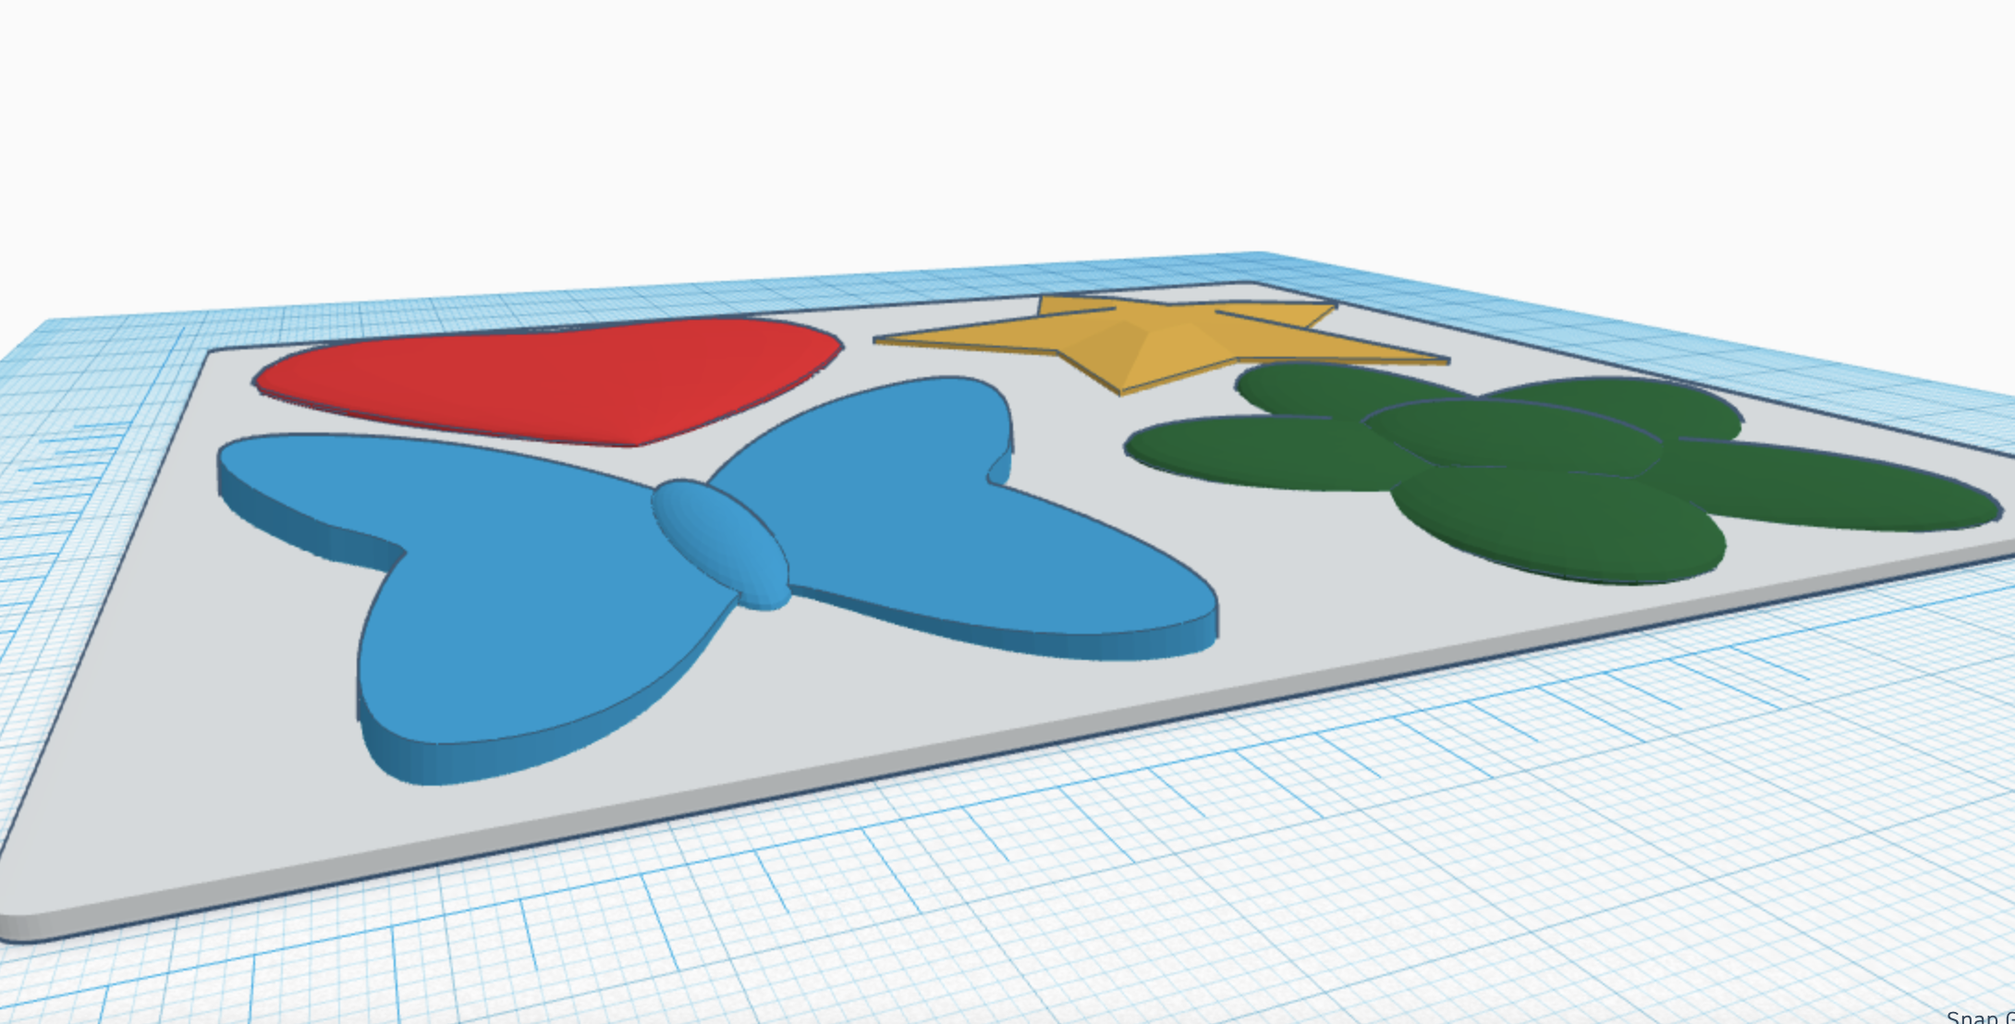 Design Puzzle - Design